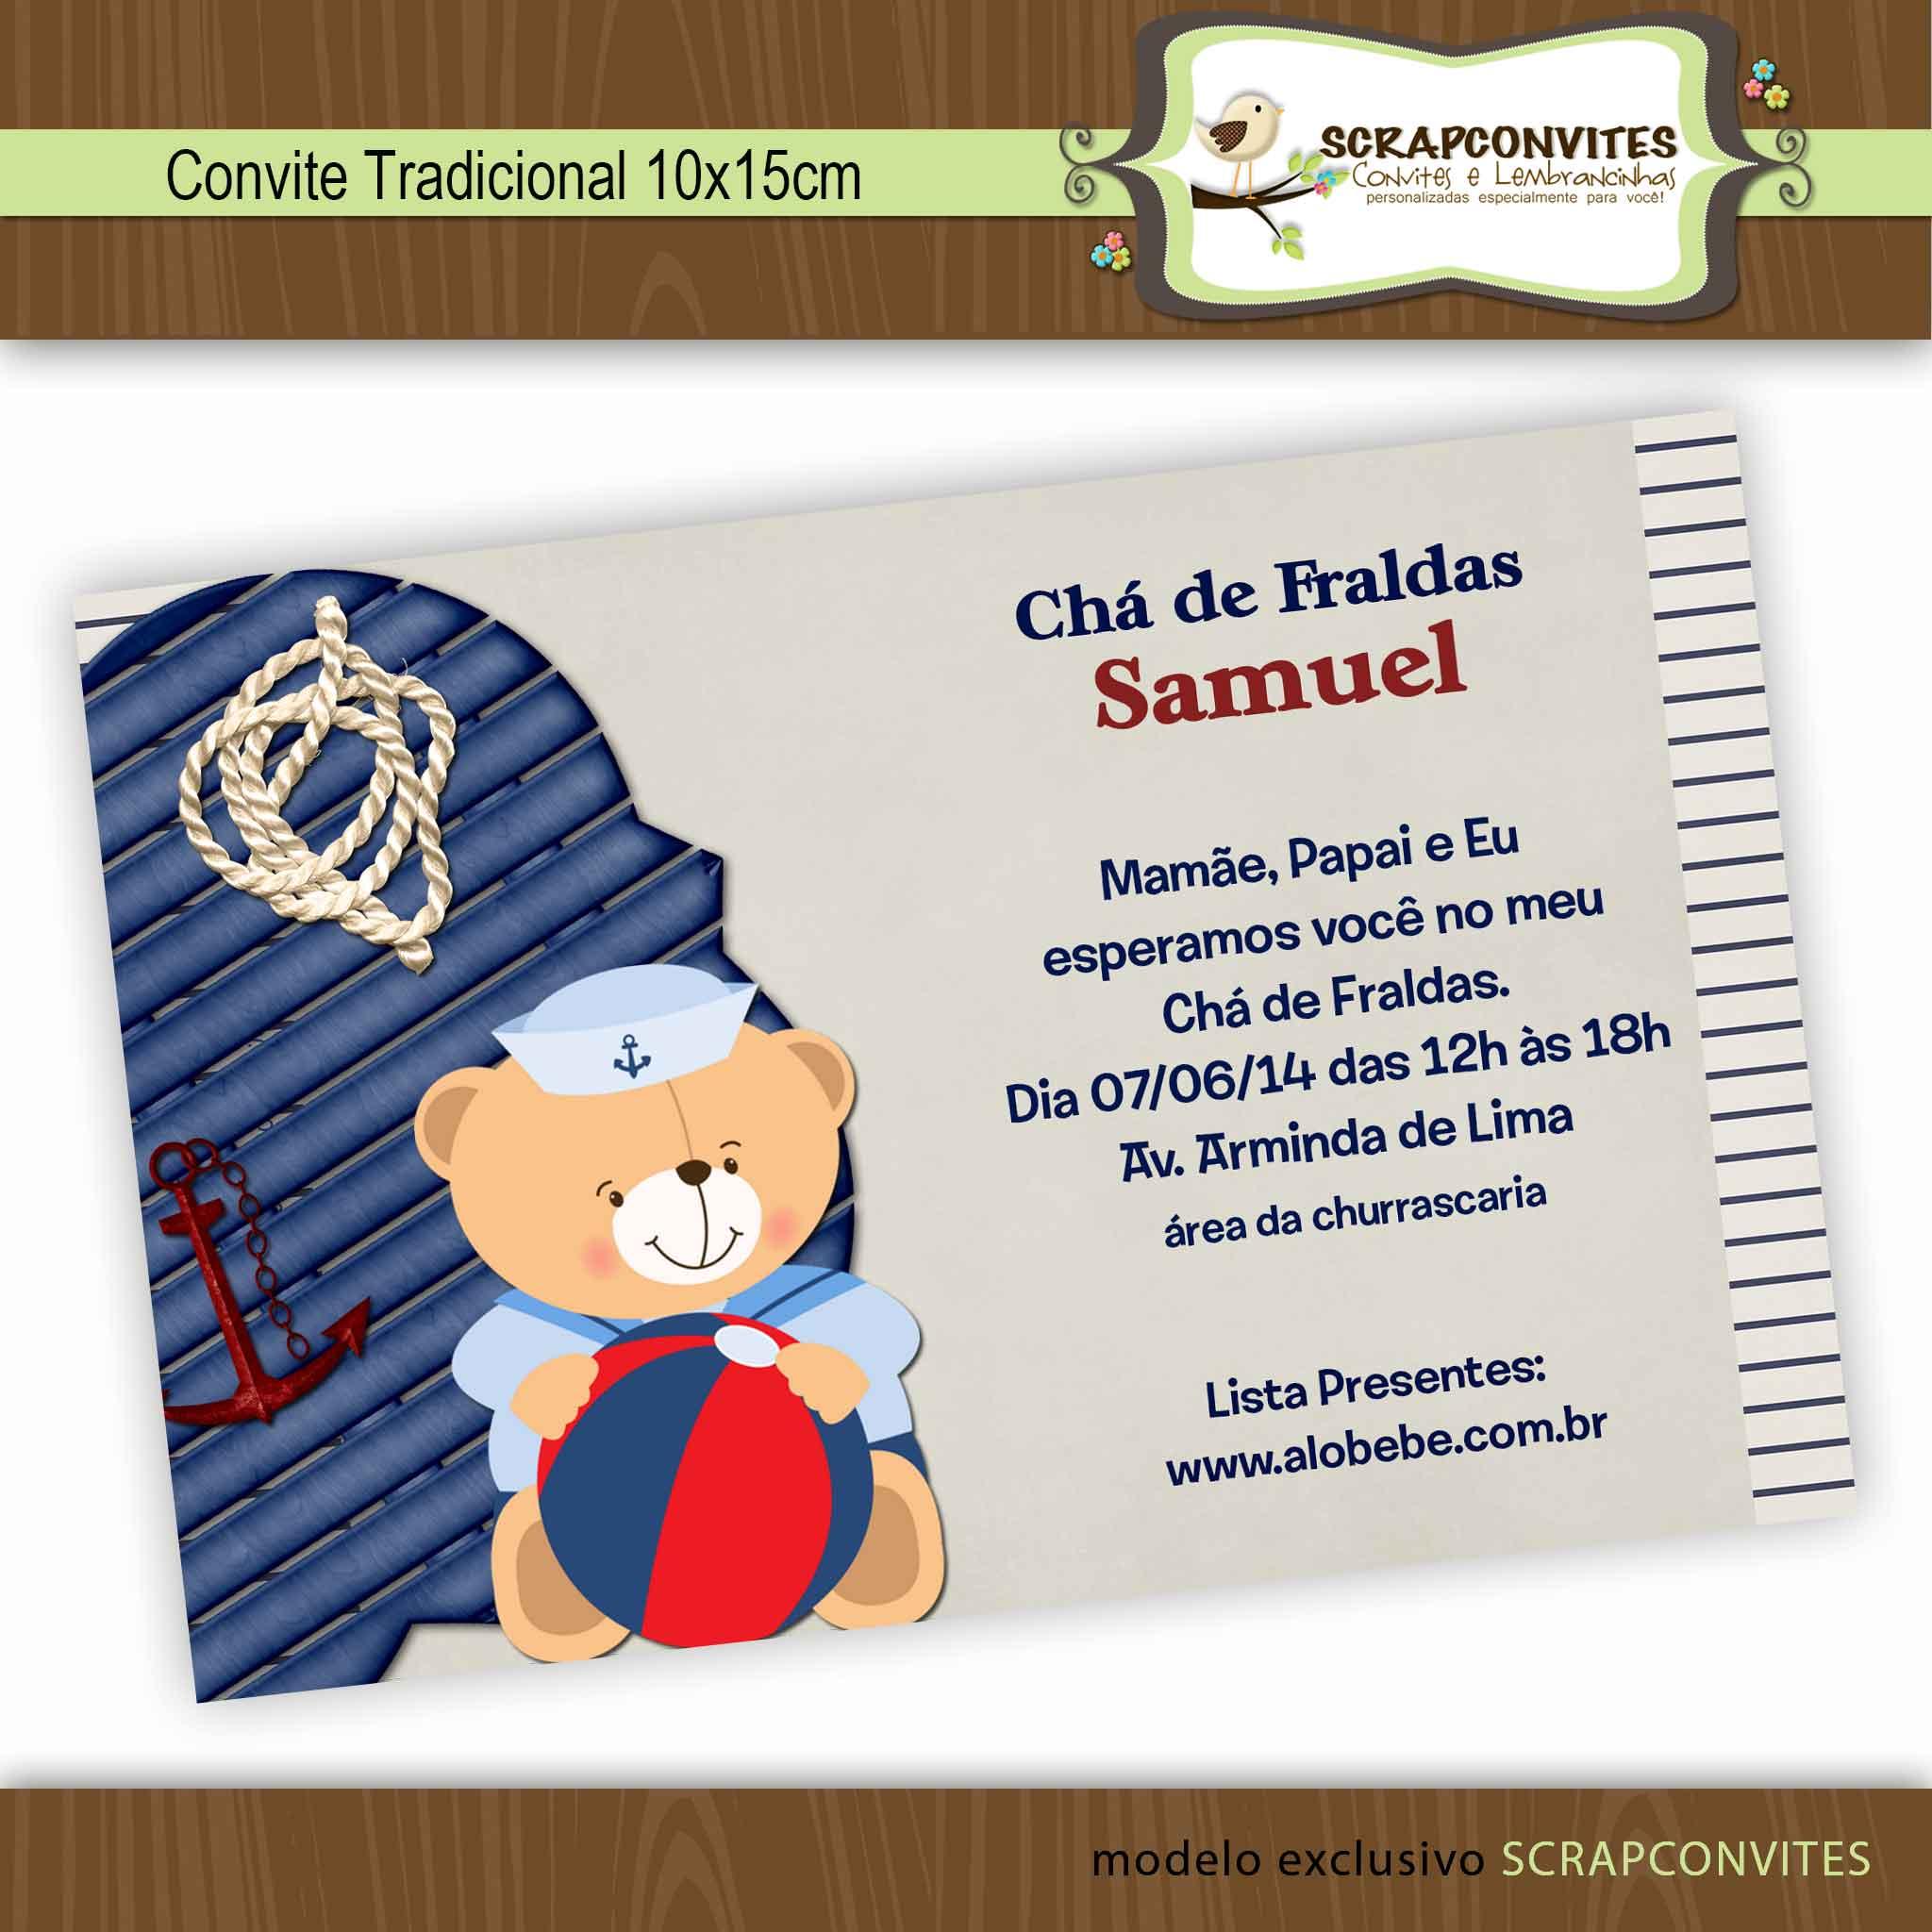 Fabuloso Convite Ursinho Marinheiro no Elo7   SCRAPCONVITES ARTES (44368C) QD51